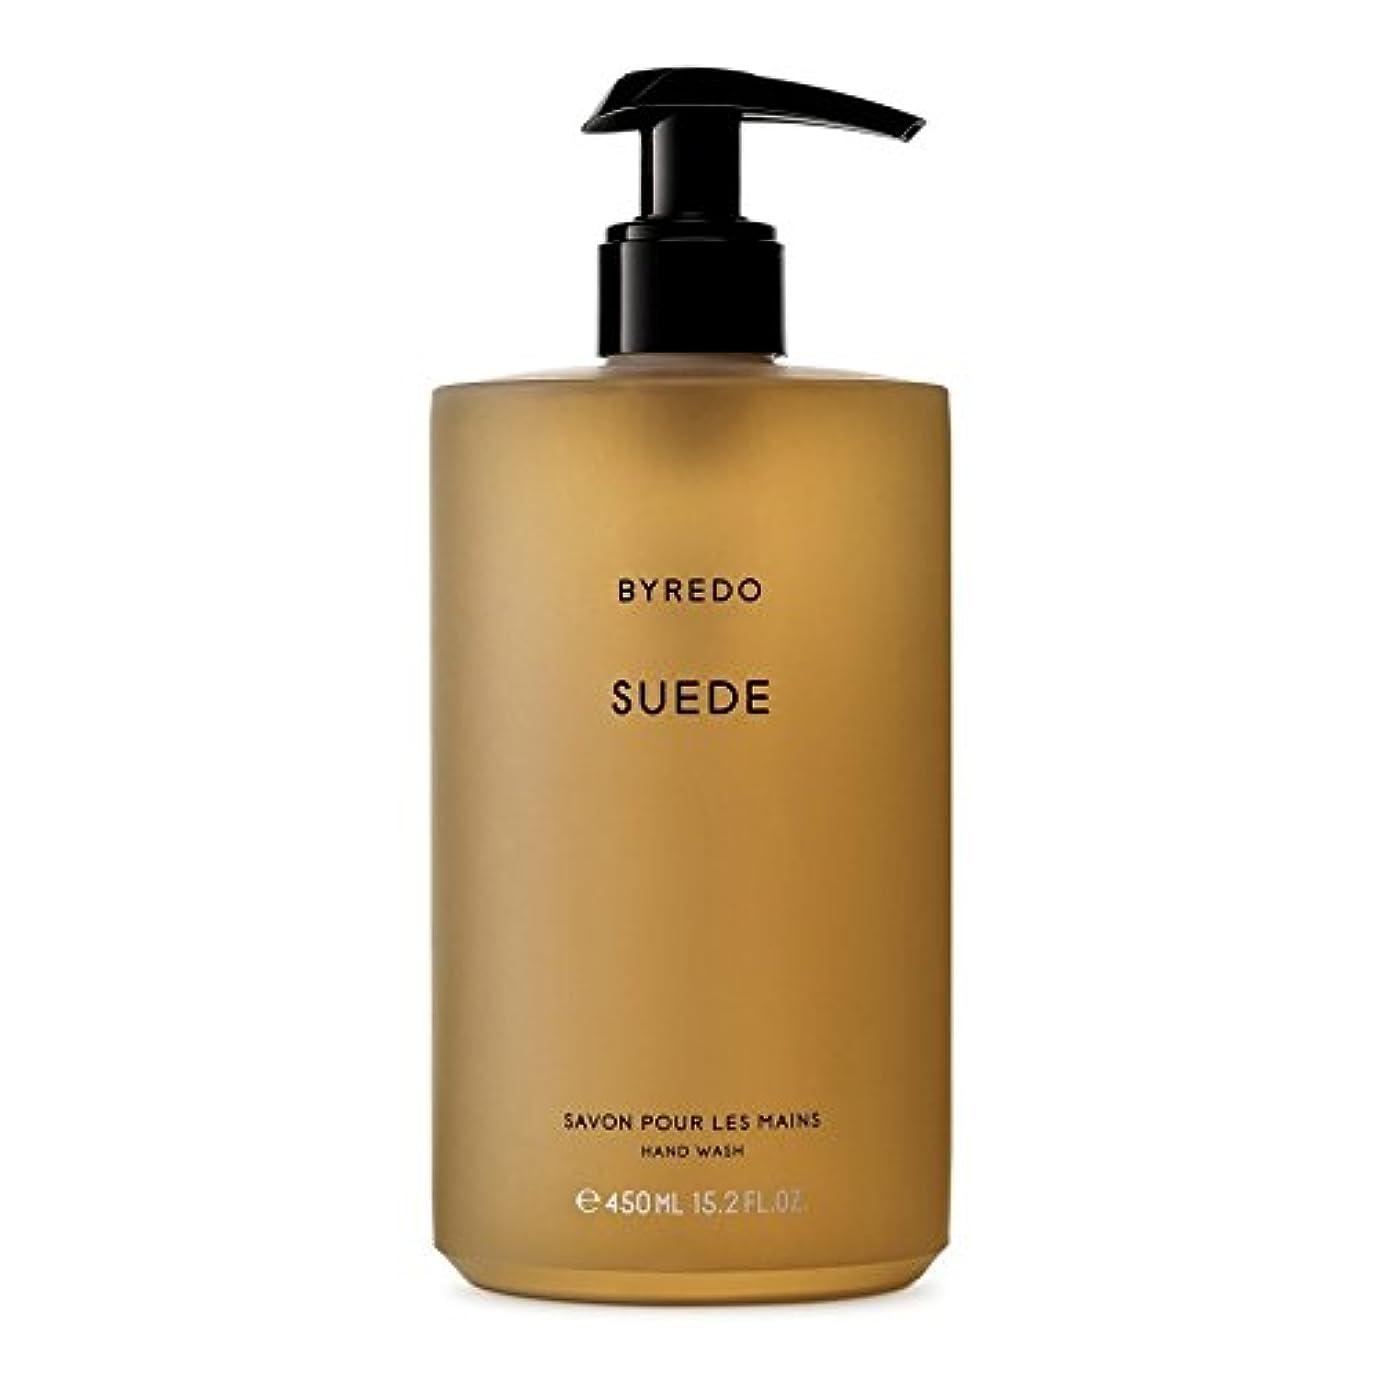 リーチカヌー絡まるByredo Suede Hand Wash 450ml - スエードのハンドウォッシュ450ミリリットル [並行輸入品]